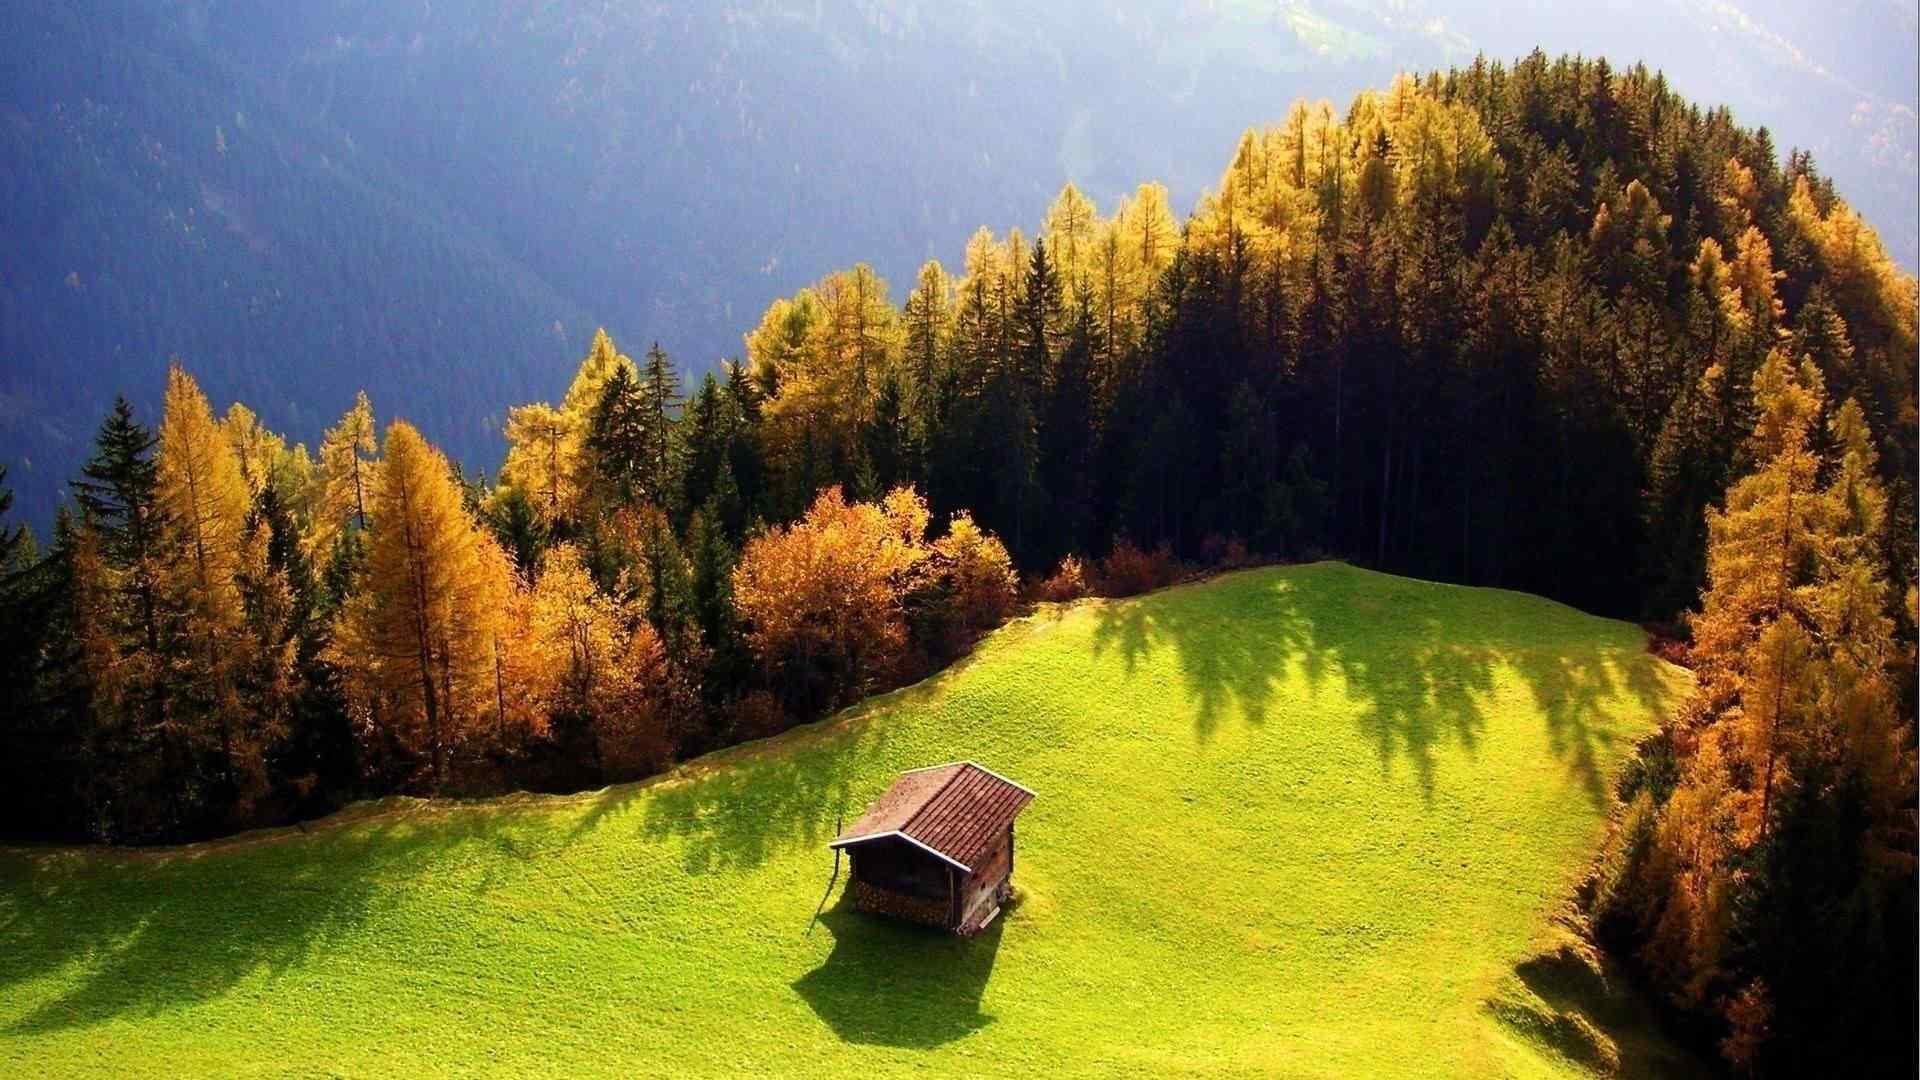 唯美的秋日小木屋风景壁纸